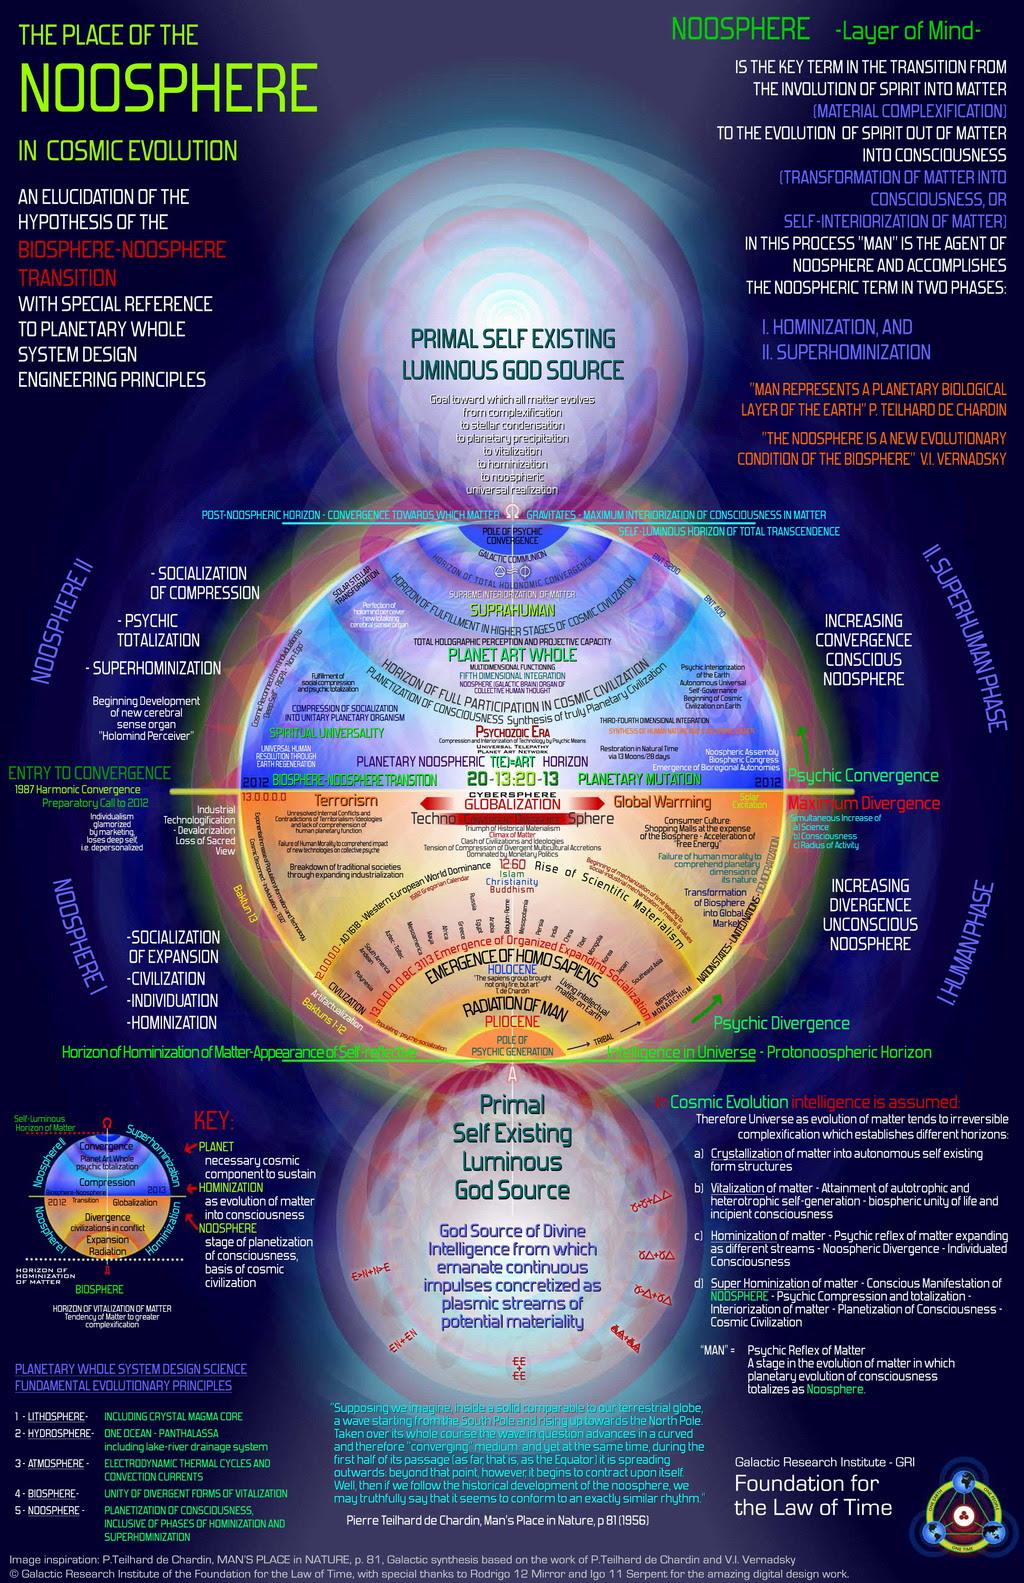 http://www.noosphereforum.org/CosmicNoosphere-w.jpg